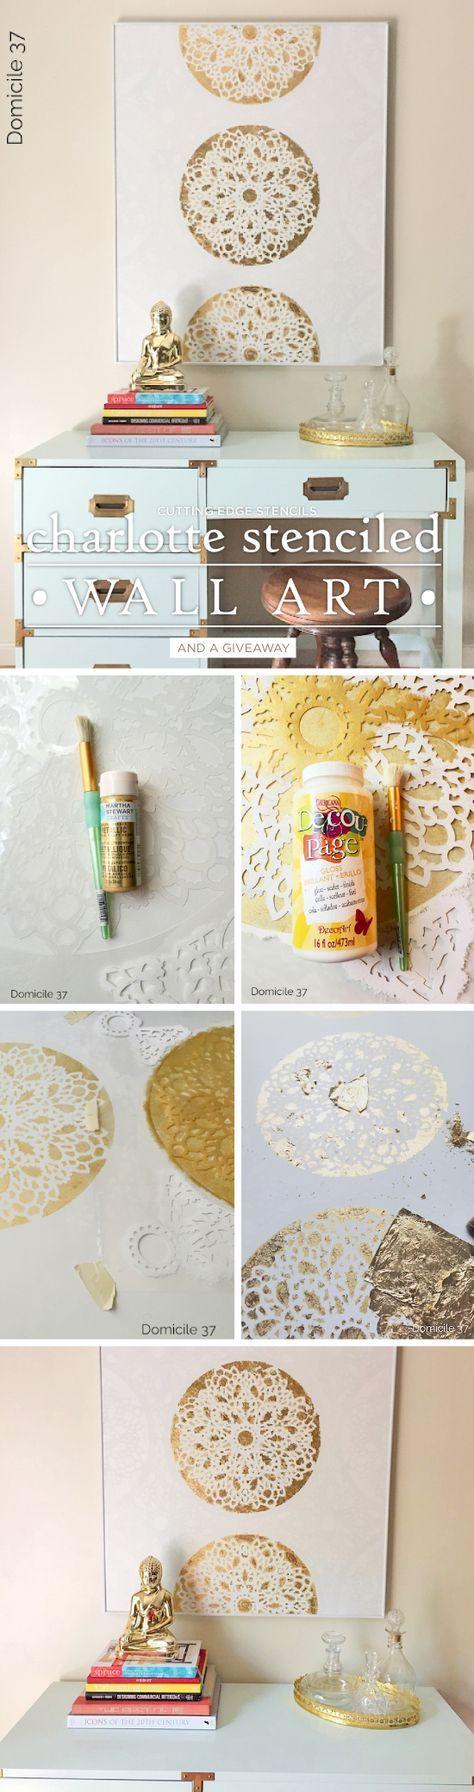 Bild im shabby chic Style in gold mit hübschen Ornamenten #diy #deko